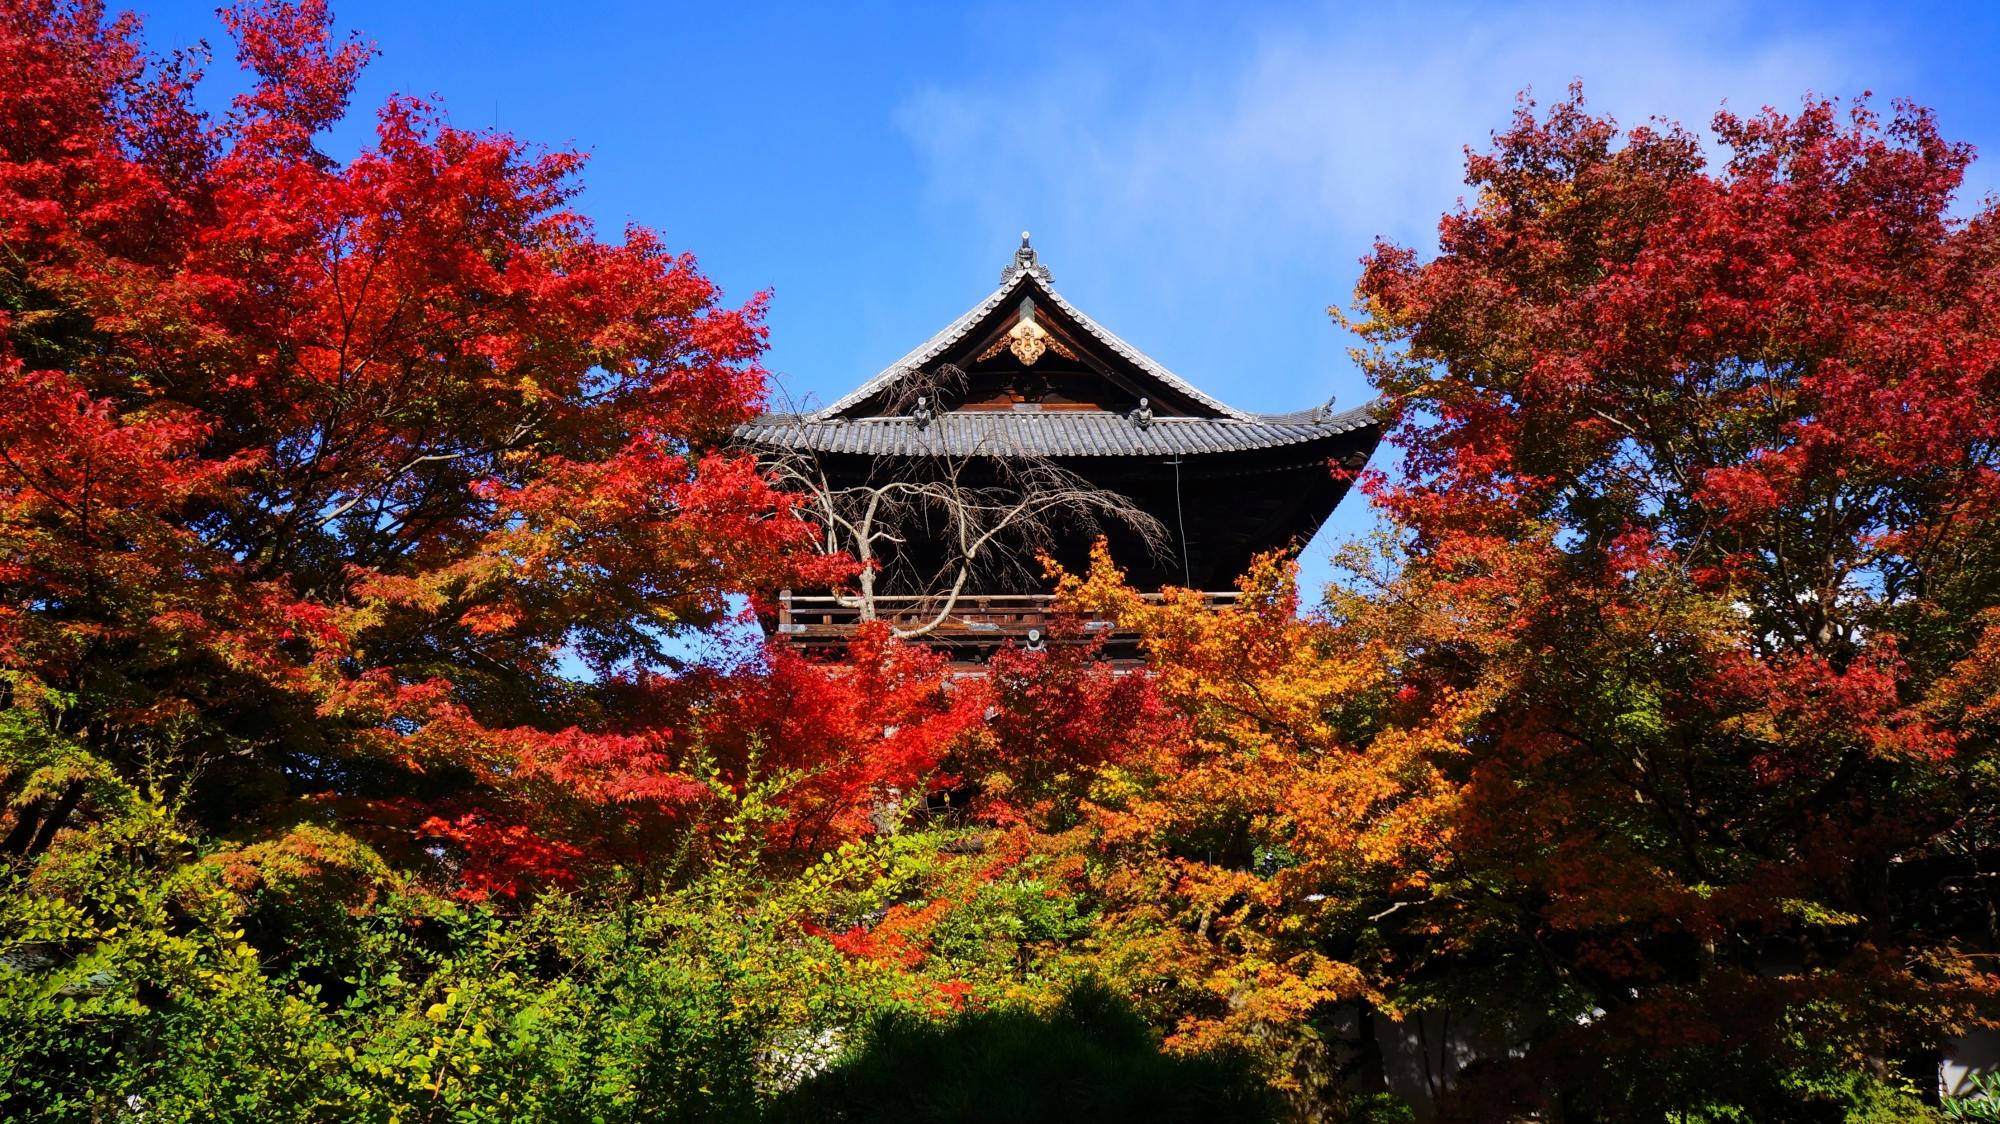 天授庵から眺めた南禅寺三門と真っ赤な紅葉